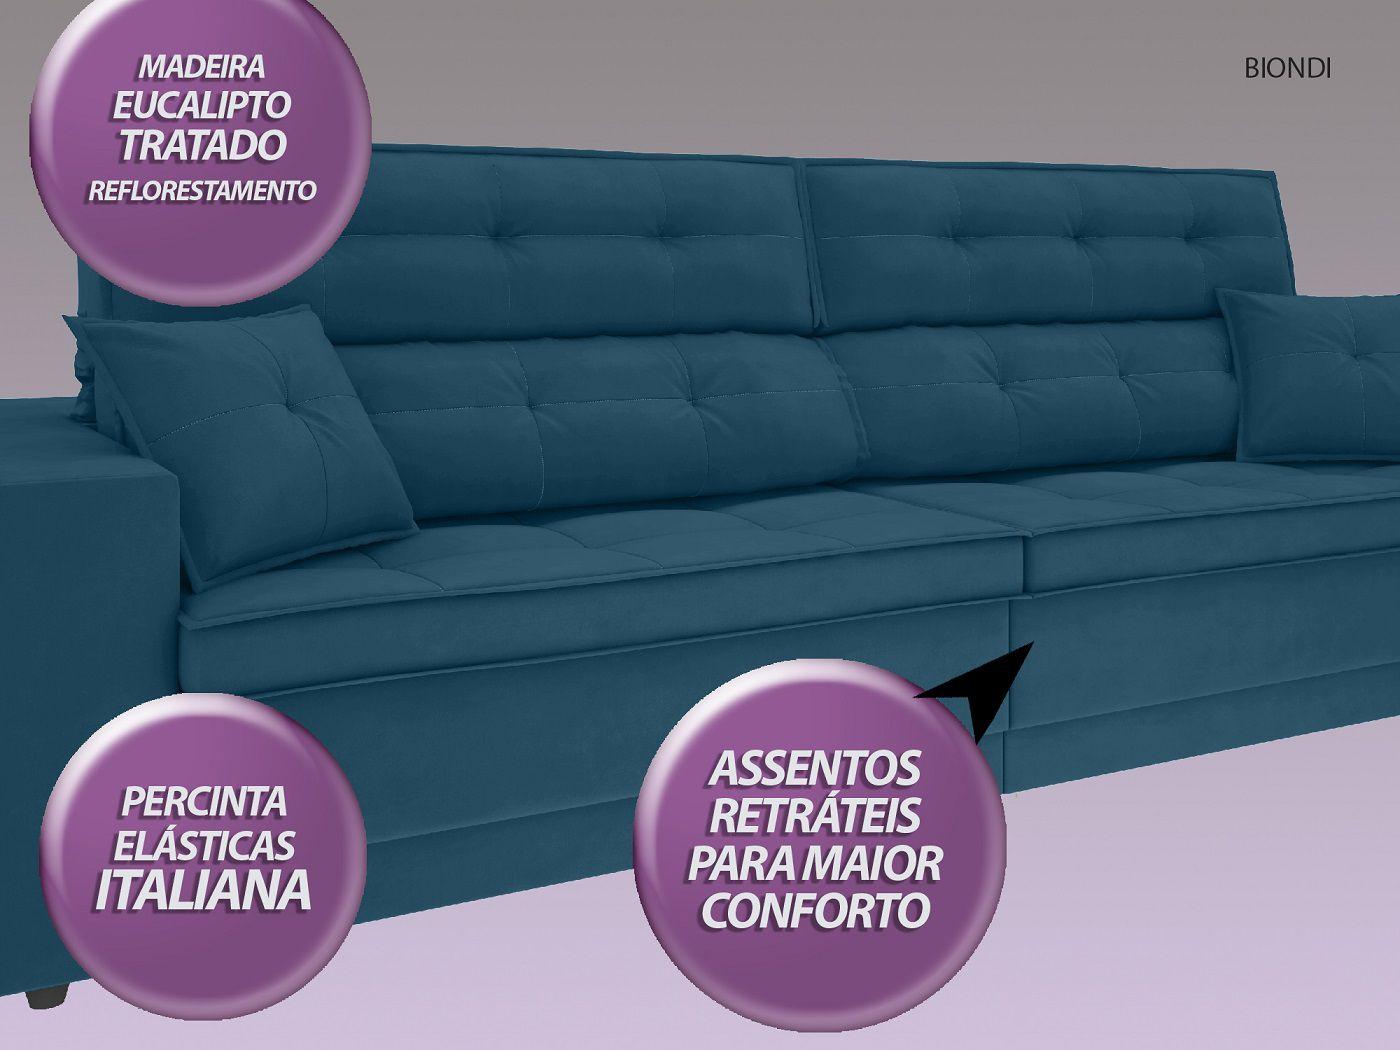 Sofá New Biondi 2,10m Retrátil e Reclinável Velosuede Royal  - NETSOFAS  - NETSOFÁS